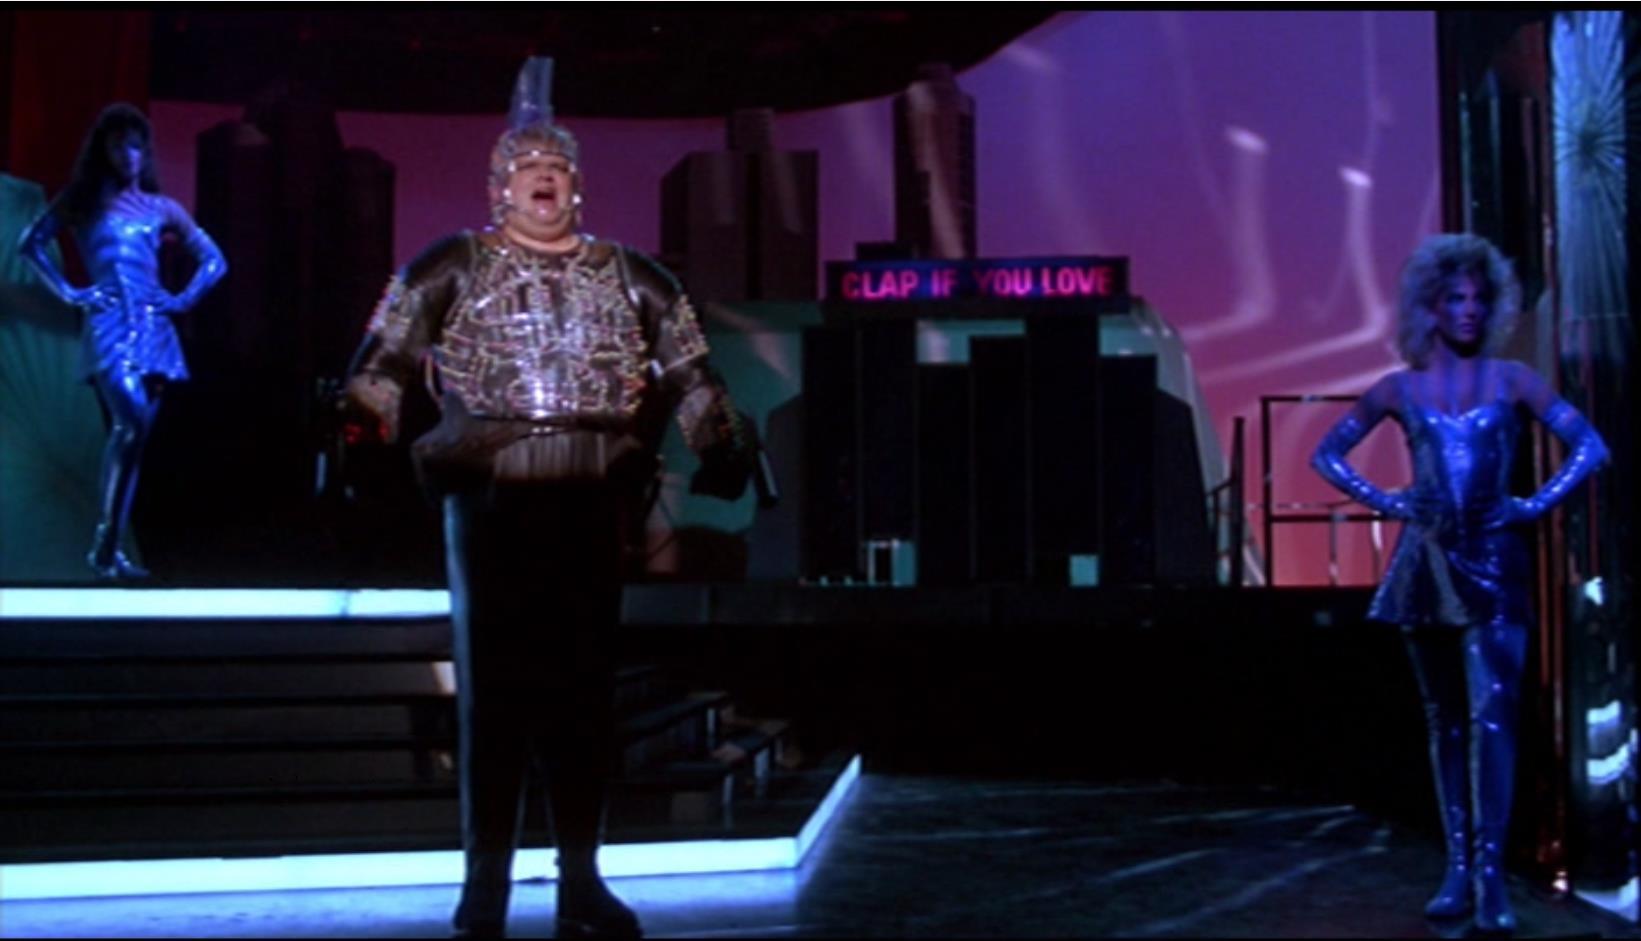 Der kurz nach den Dreharbeiten an Herzversagen verstorbene Erland van Ldth war ausgebildeter Opernsänger und verkörperte die Figur des abgedrehten Blutjägers DYNAMO